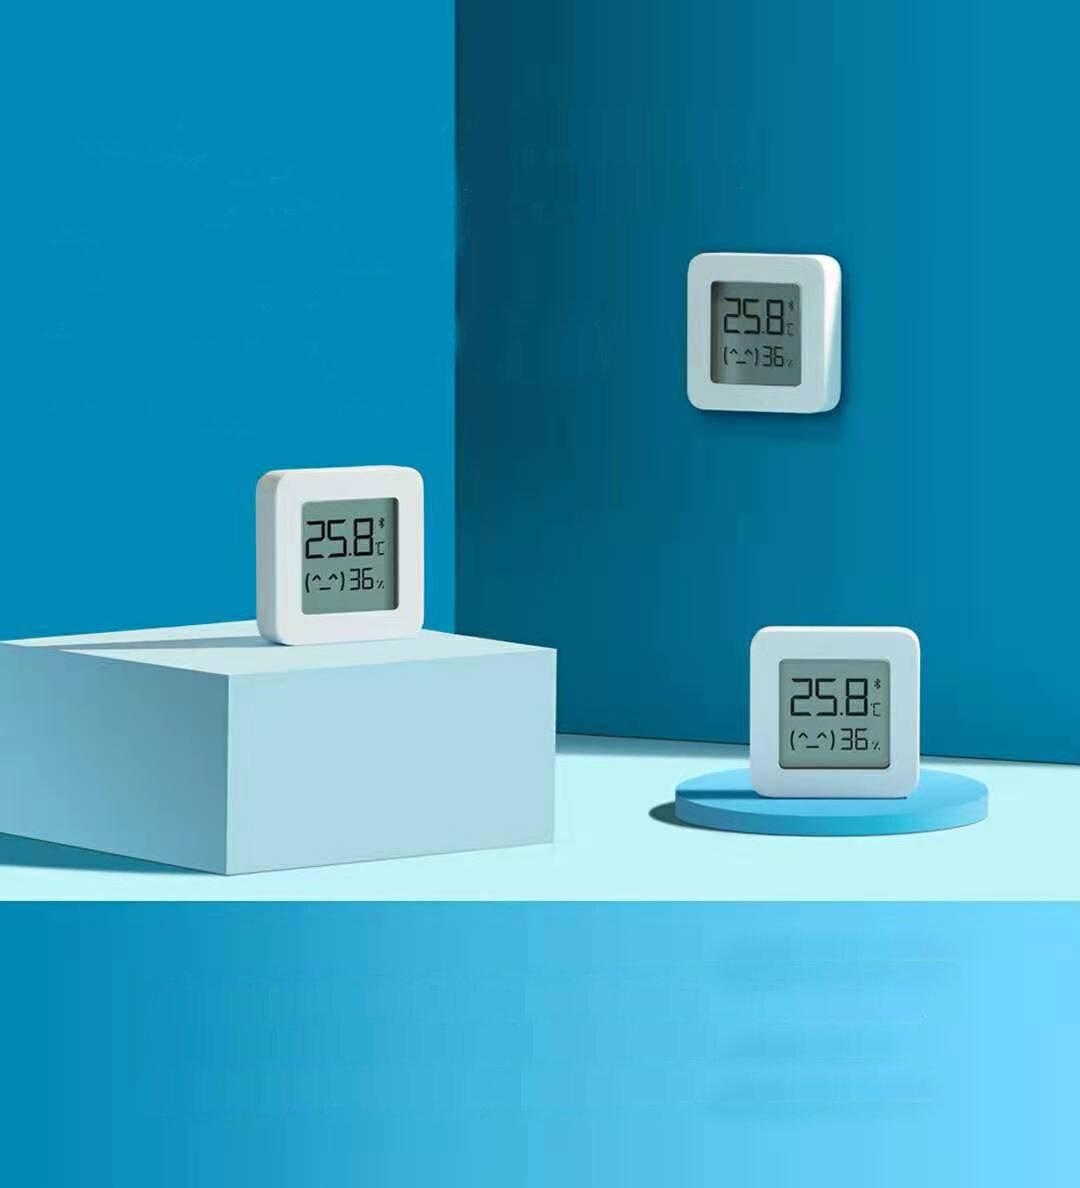 3x Termometr XIAOMI Mijia Bluetooth za $13.99 / ~54zł